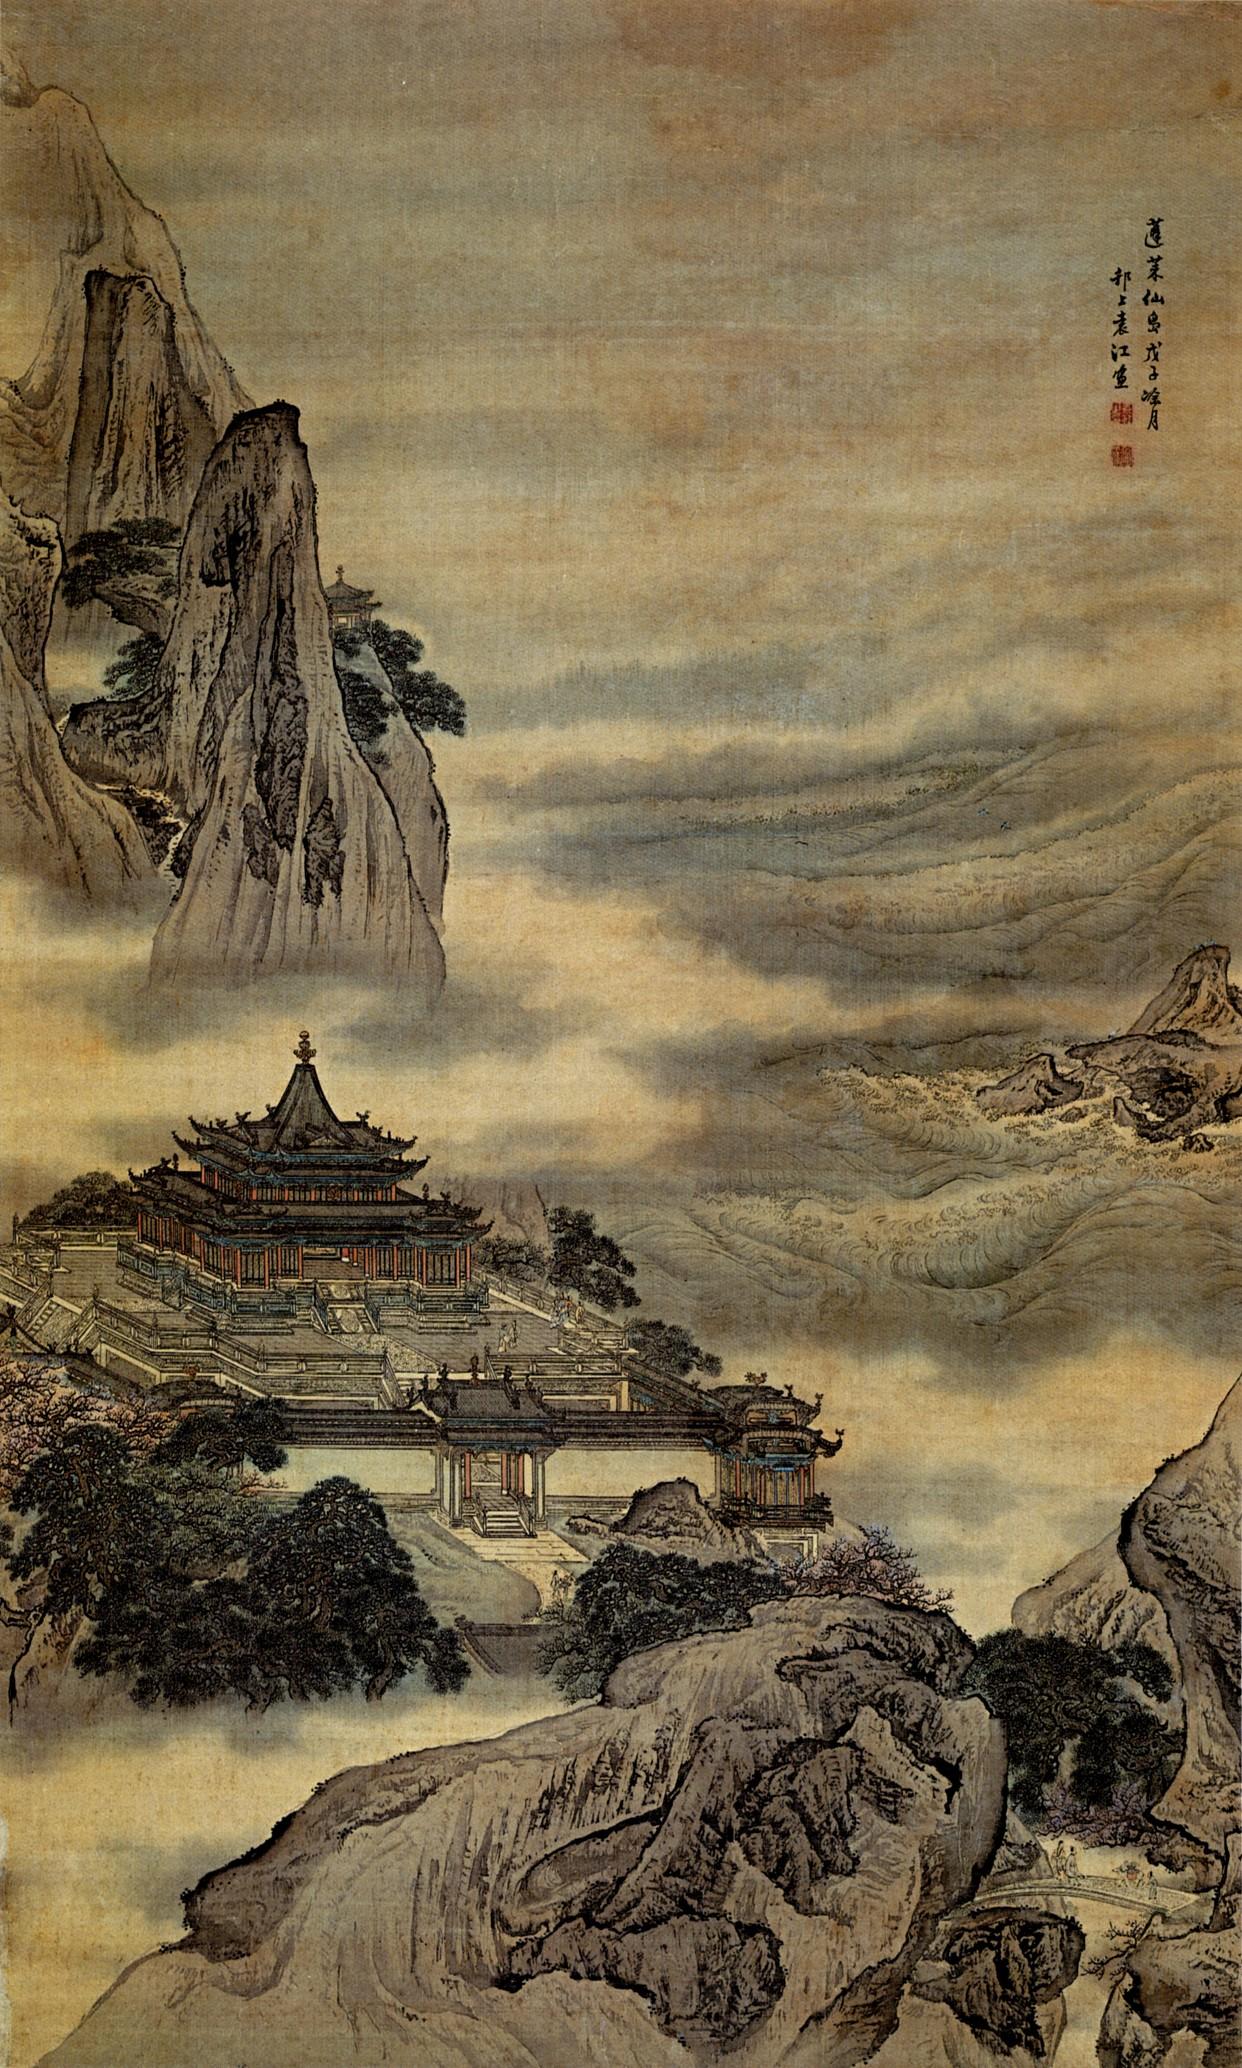 傳說中,蓬萊仙島是求仙訪藥之處,充滿神仙想像的海洋場景。圖│By Yuan Jiang (袁江). Active: 1680-1730. [Public domain], via Wikimedia Commons